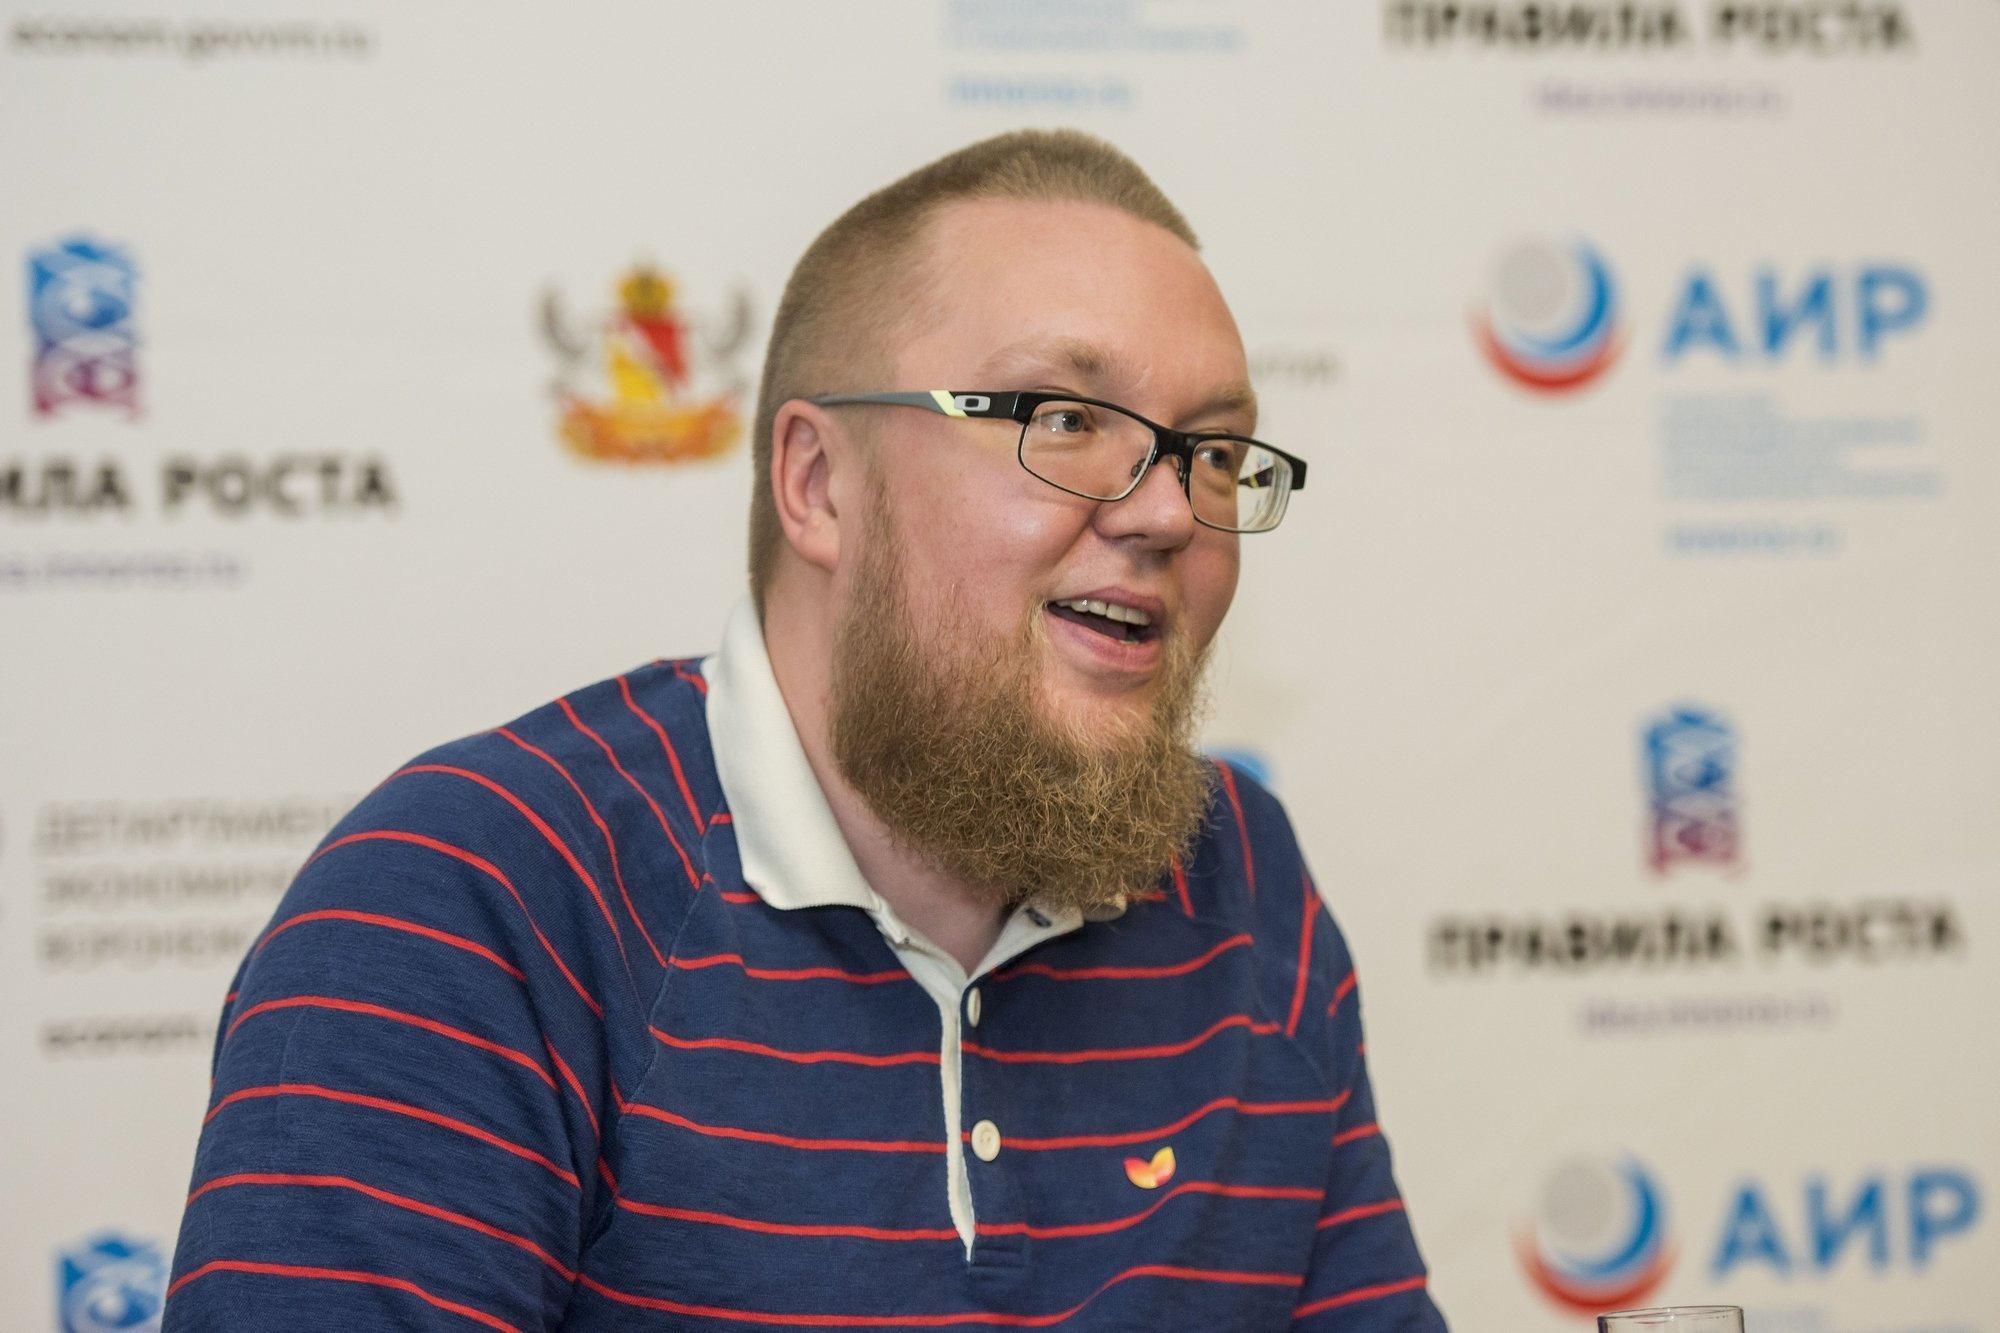 Сергей Стиллавин внезапно обратил внимание на череповецкий магазин игрушек